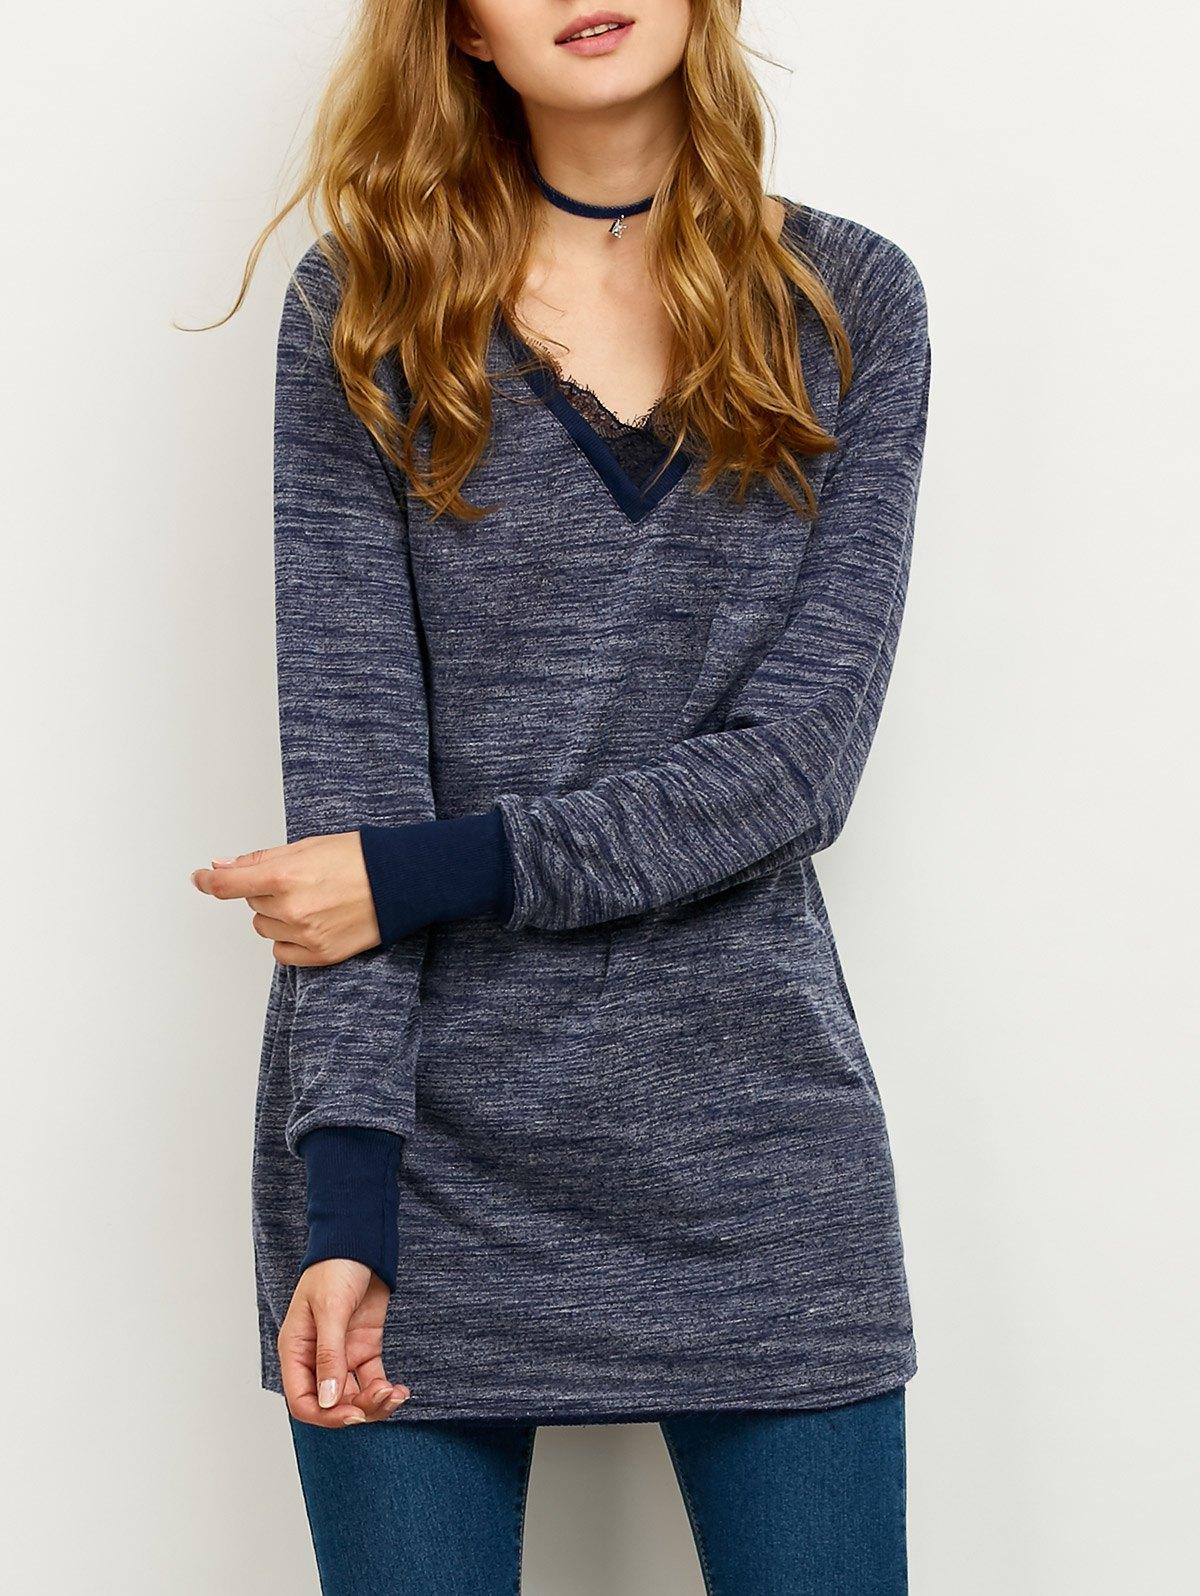 Lace Spliced Loose Sweatshirt